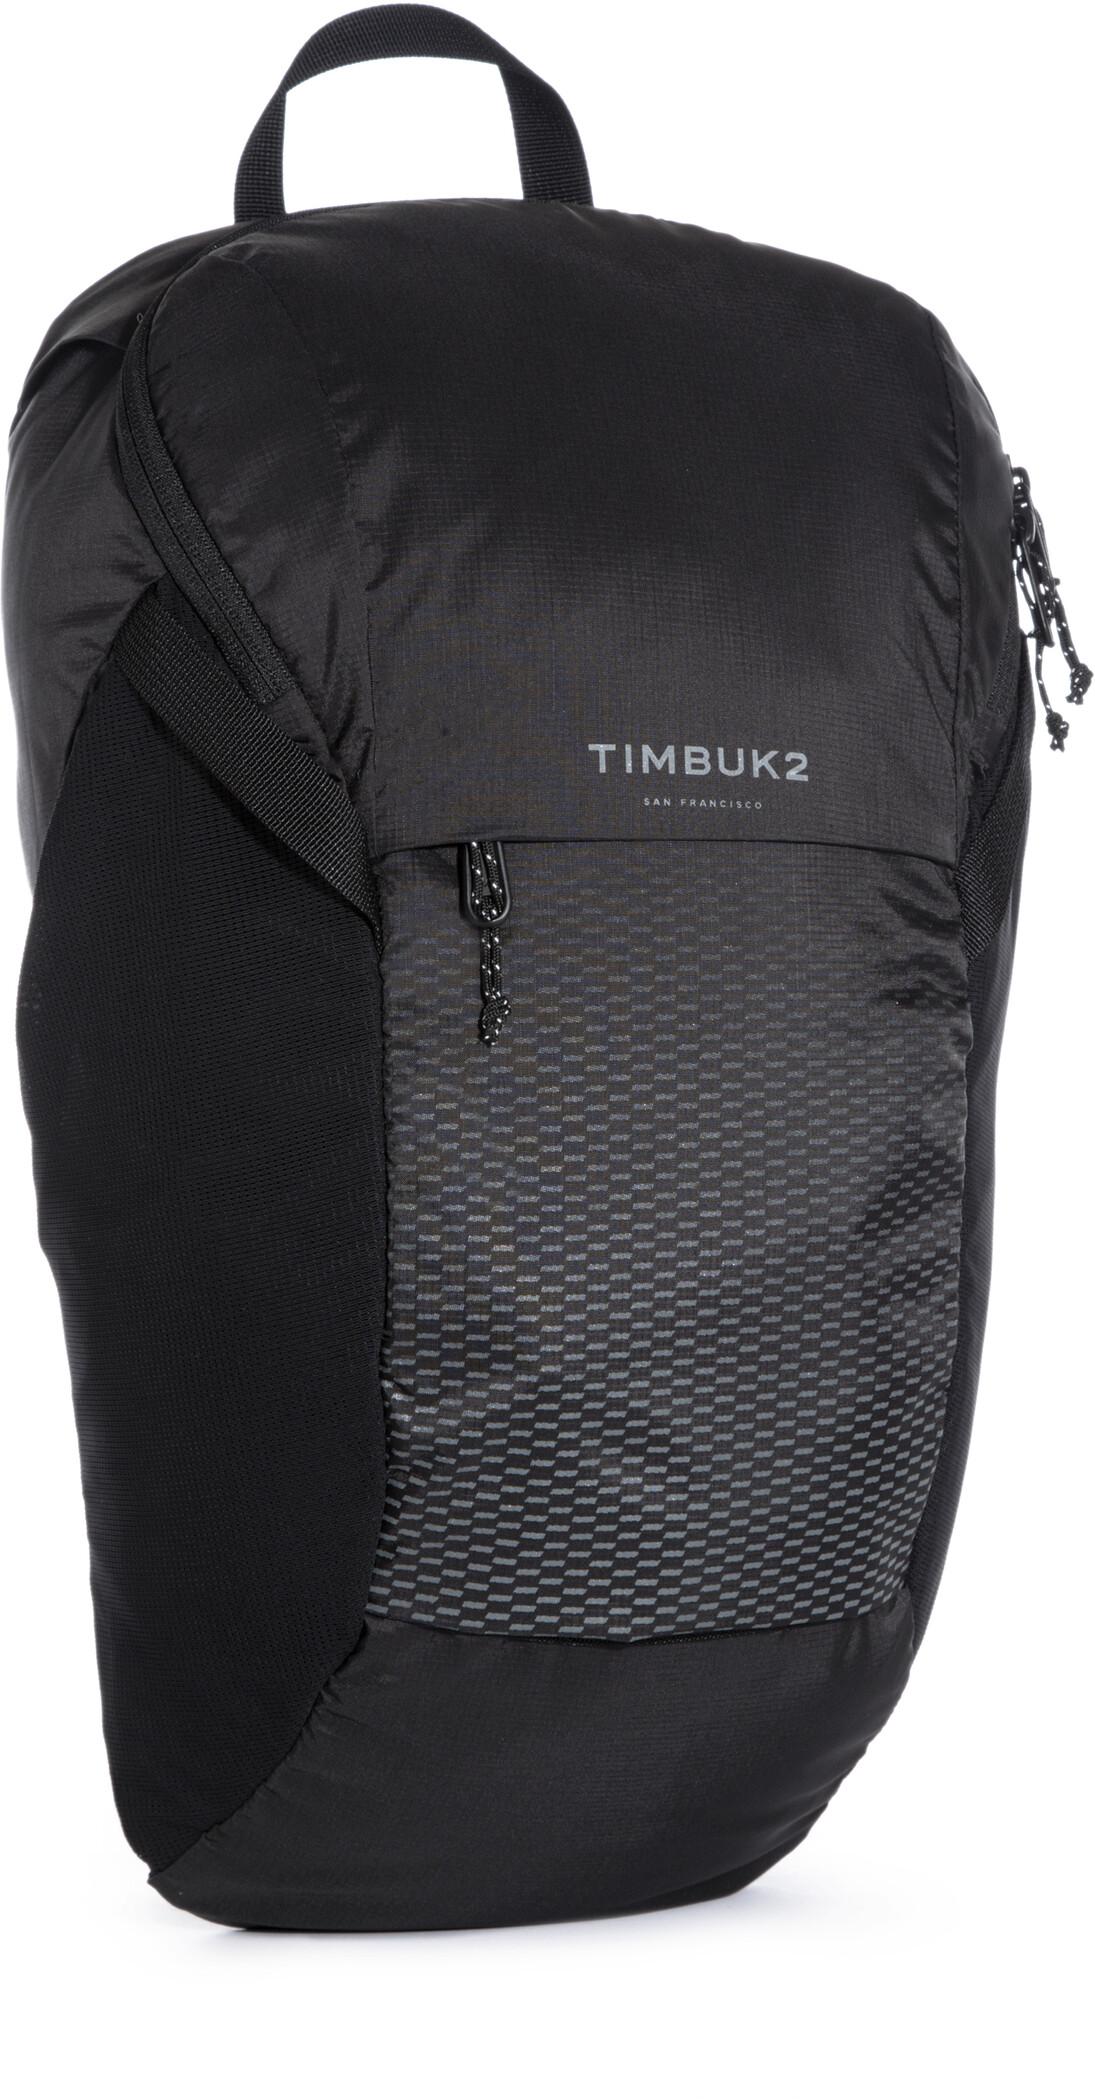 Timbuk2 Rapid Rygsæk, jet black (2019) | Travel bags